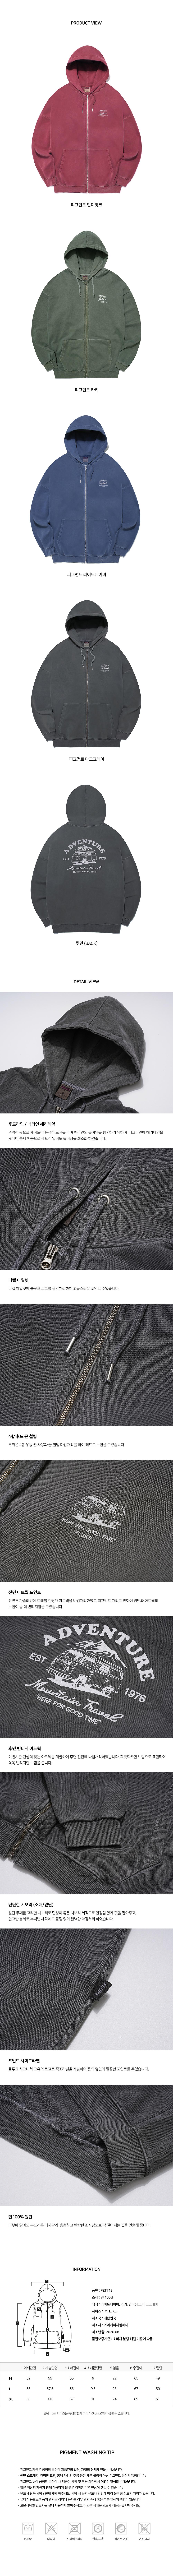 플루크 미니버스 피그먼트 후드집업 FZT713 / 4color